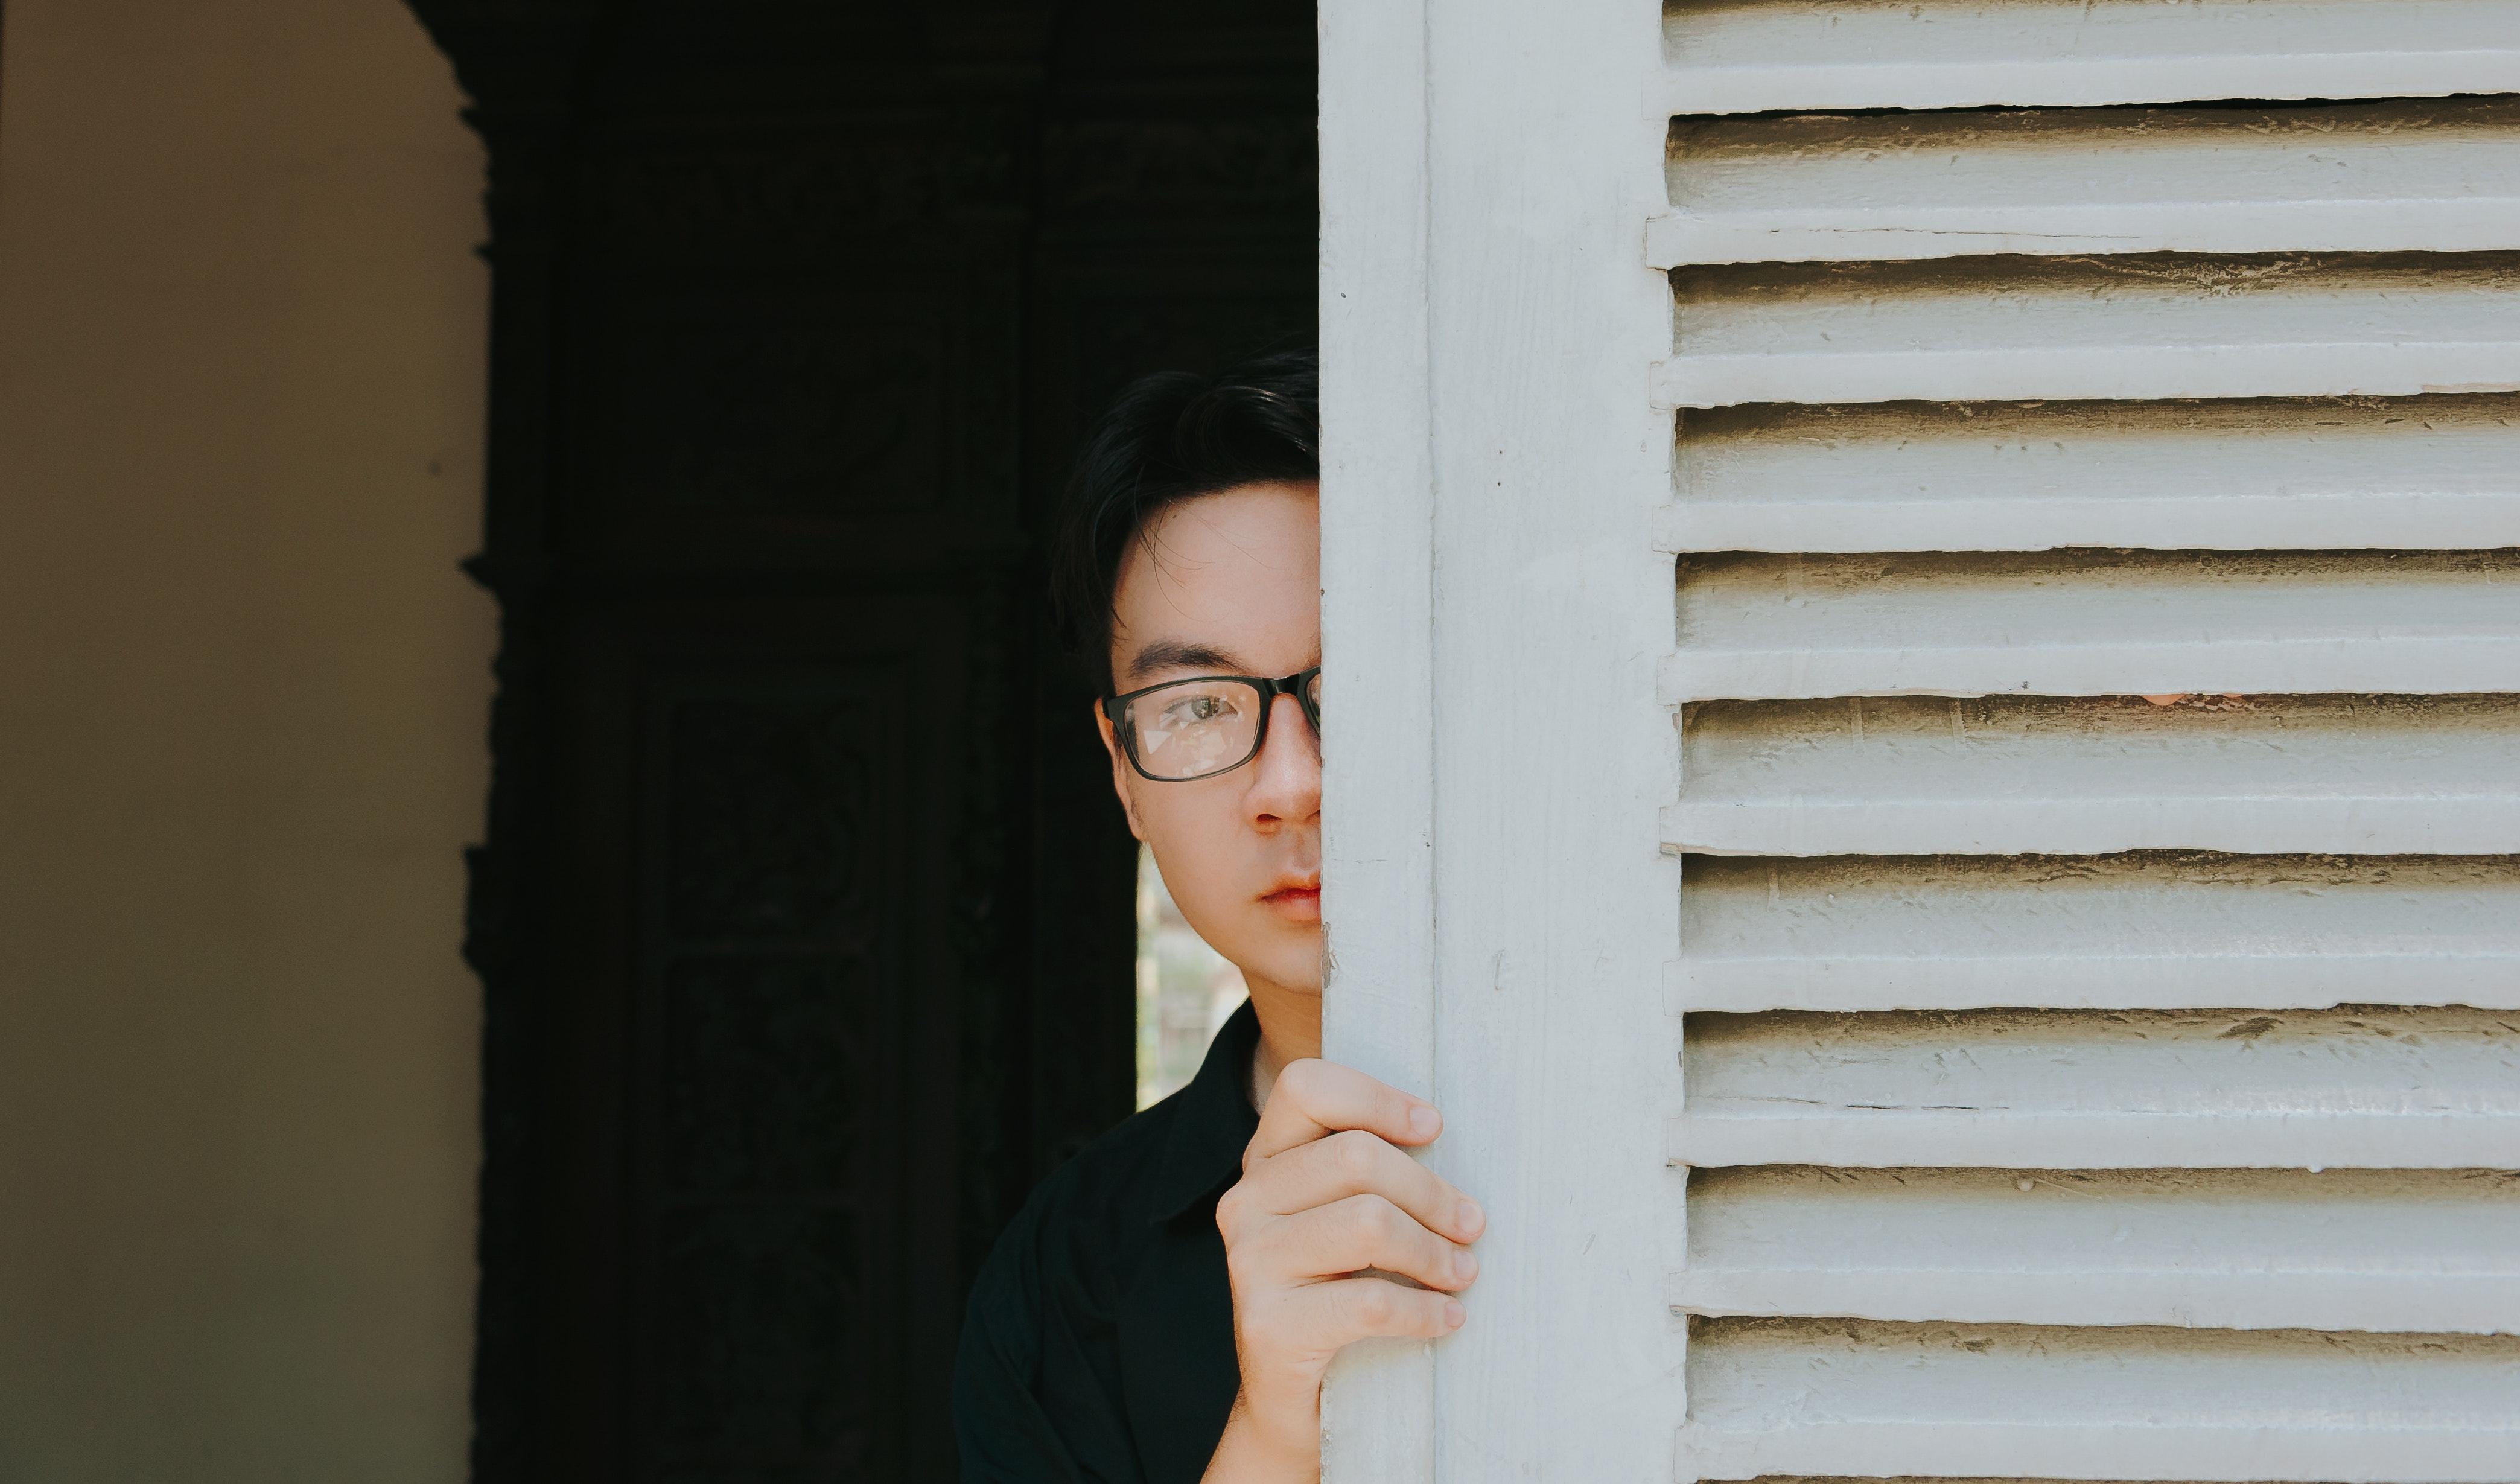 man hiding behind door